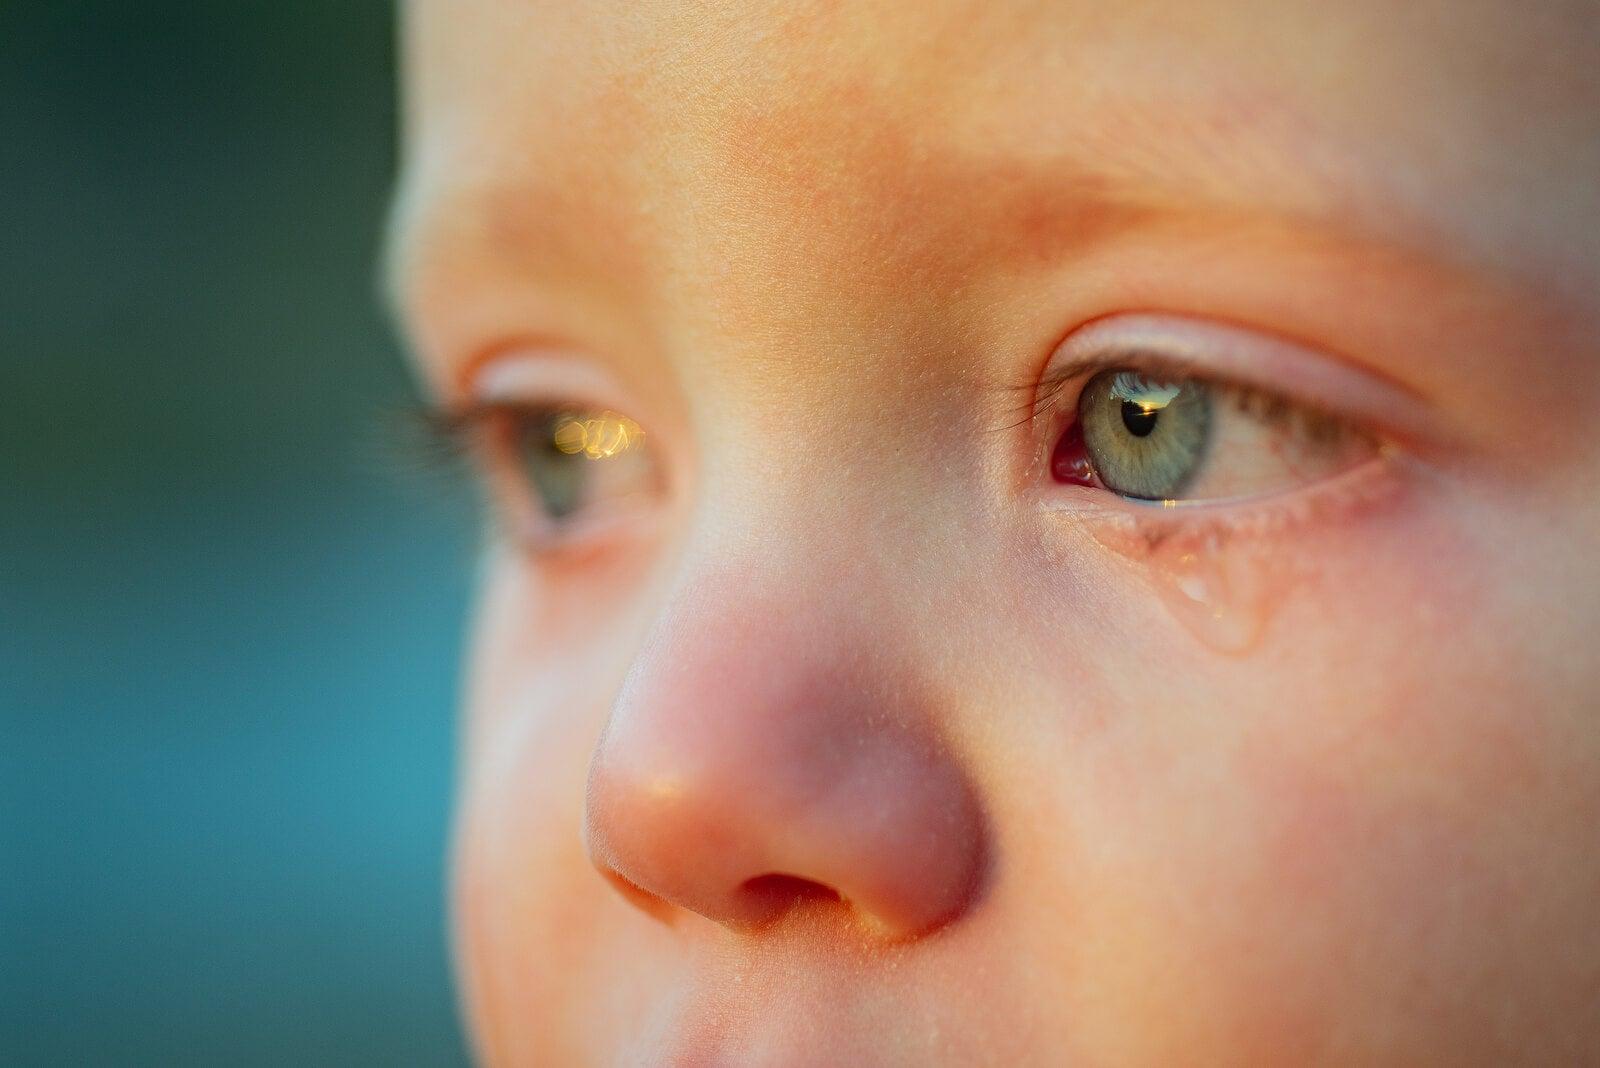 Niño con lágrimas en los ojos de tristeza porque está aprendiendo qué son las emociones negativas.